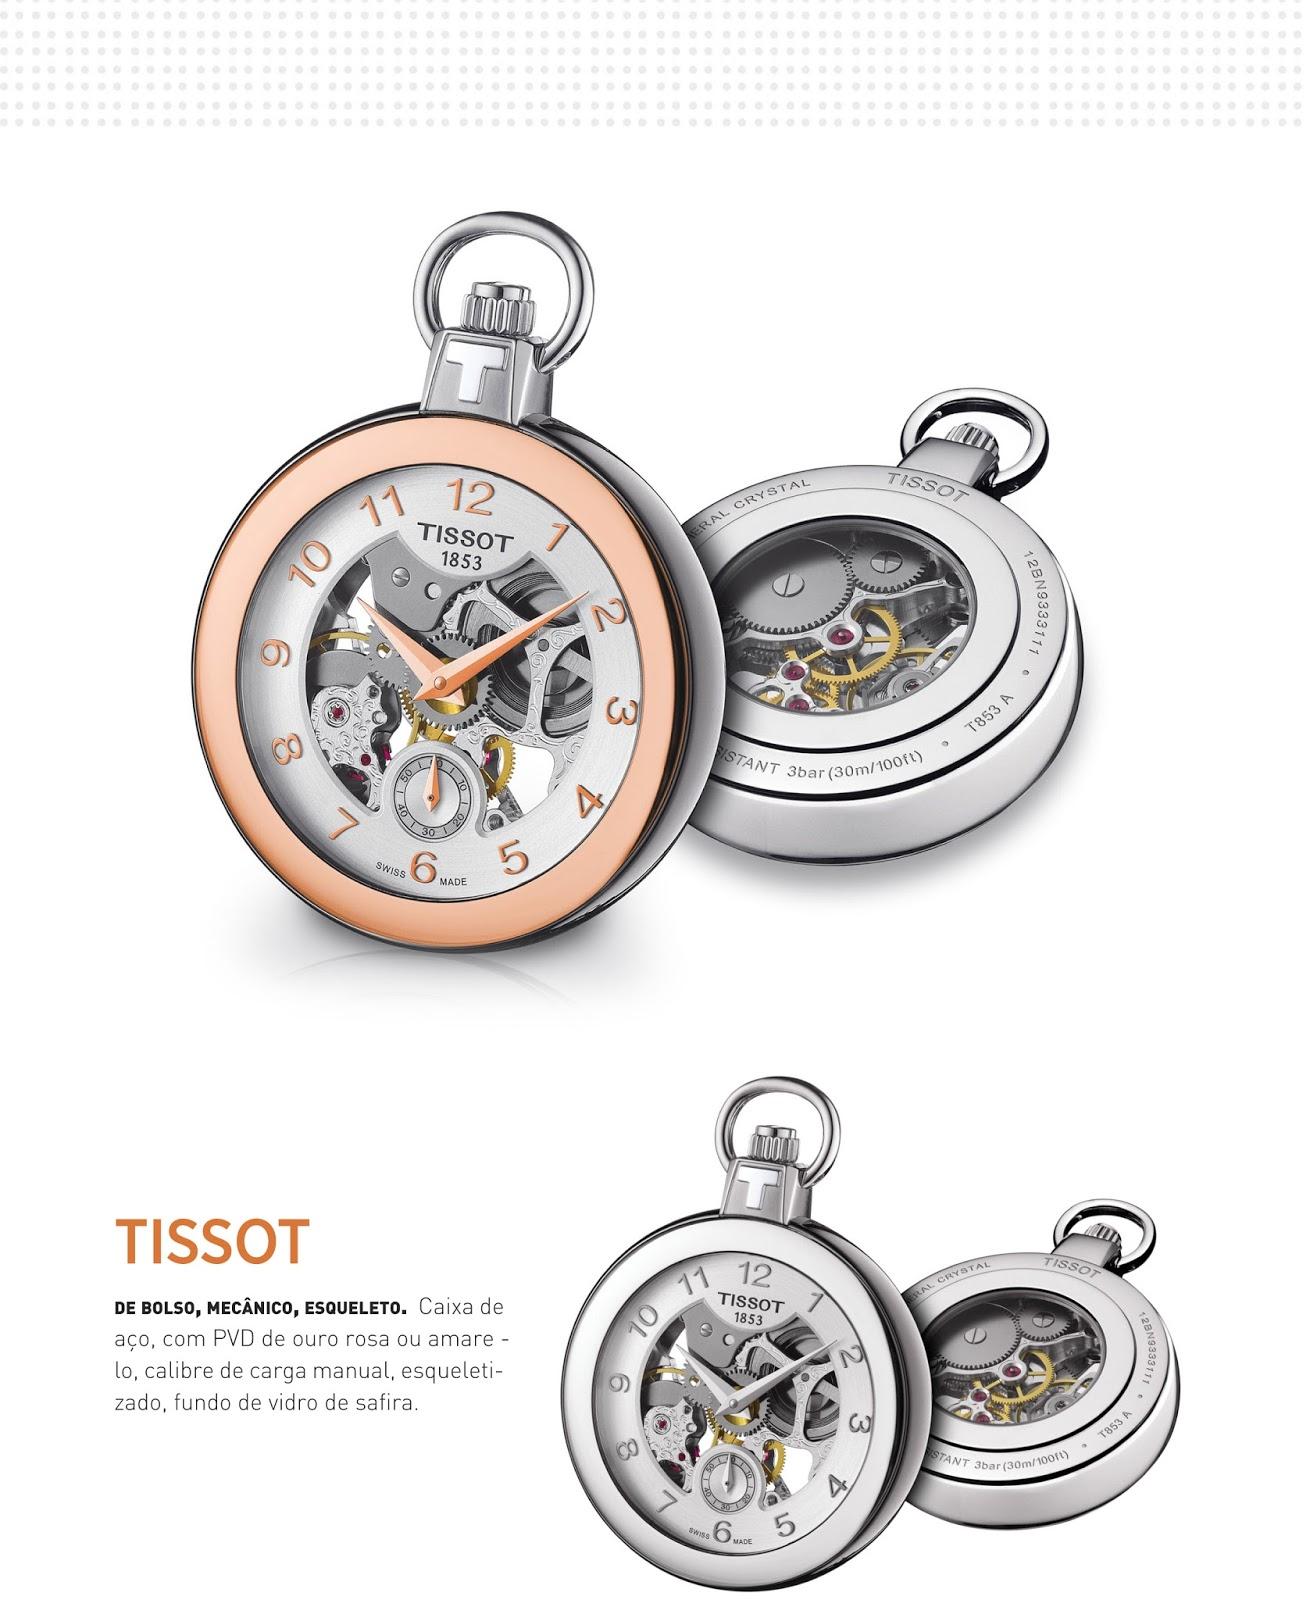 38f4a6f95e8 Estação Cronográfica  Relógios   Canetas online - relógio de bolso ...